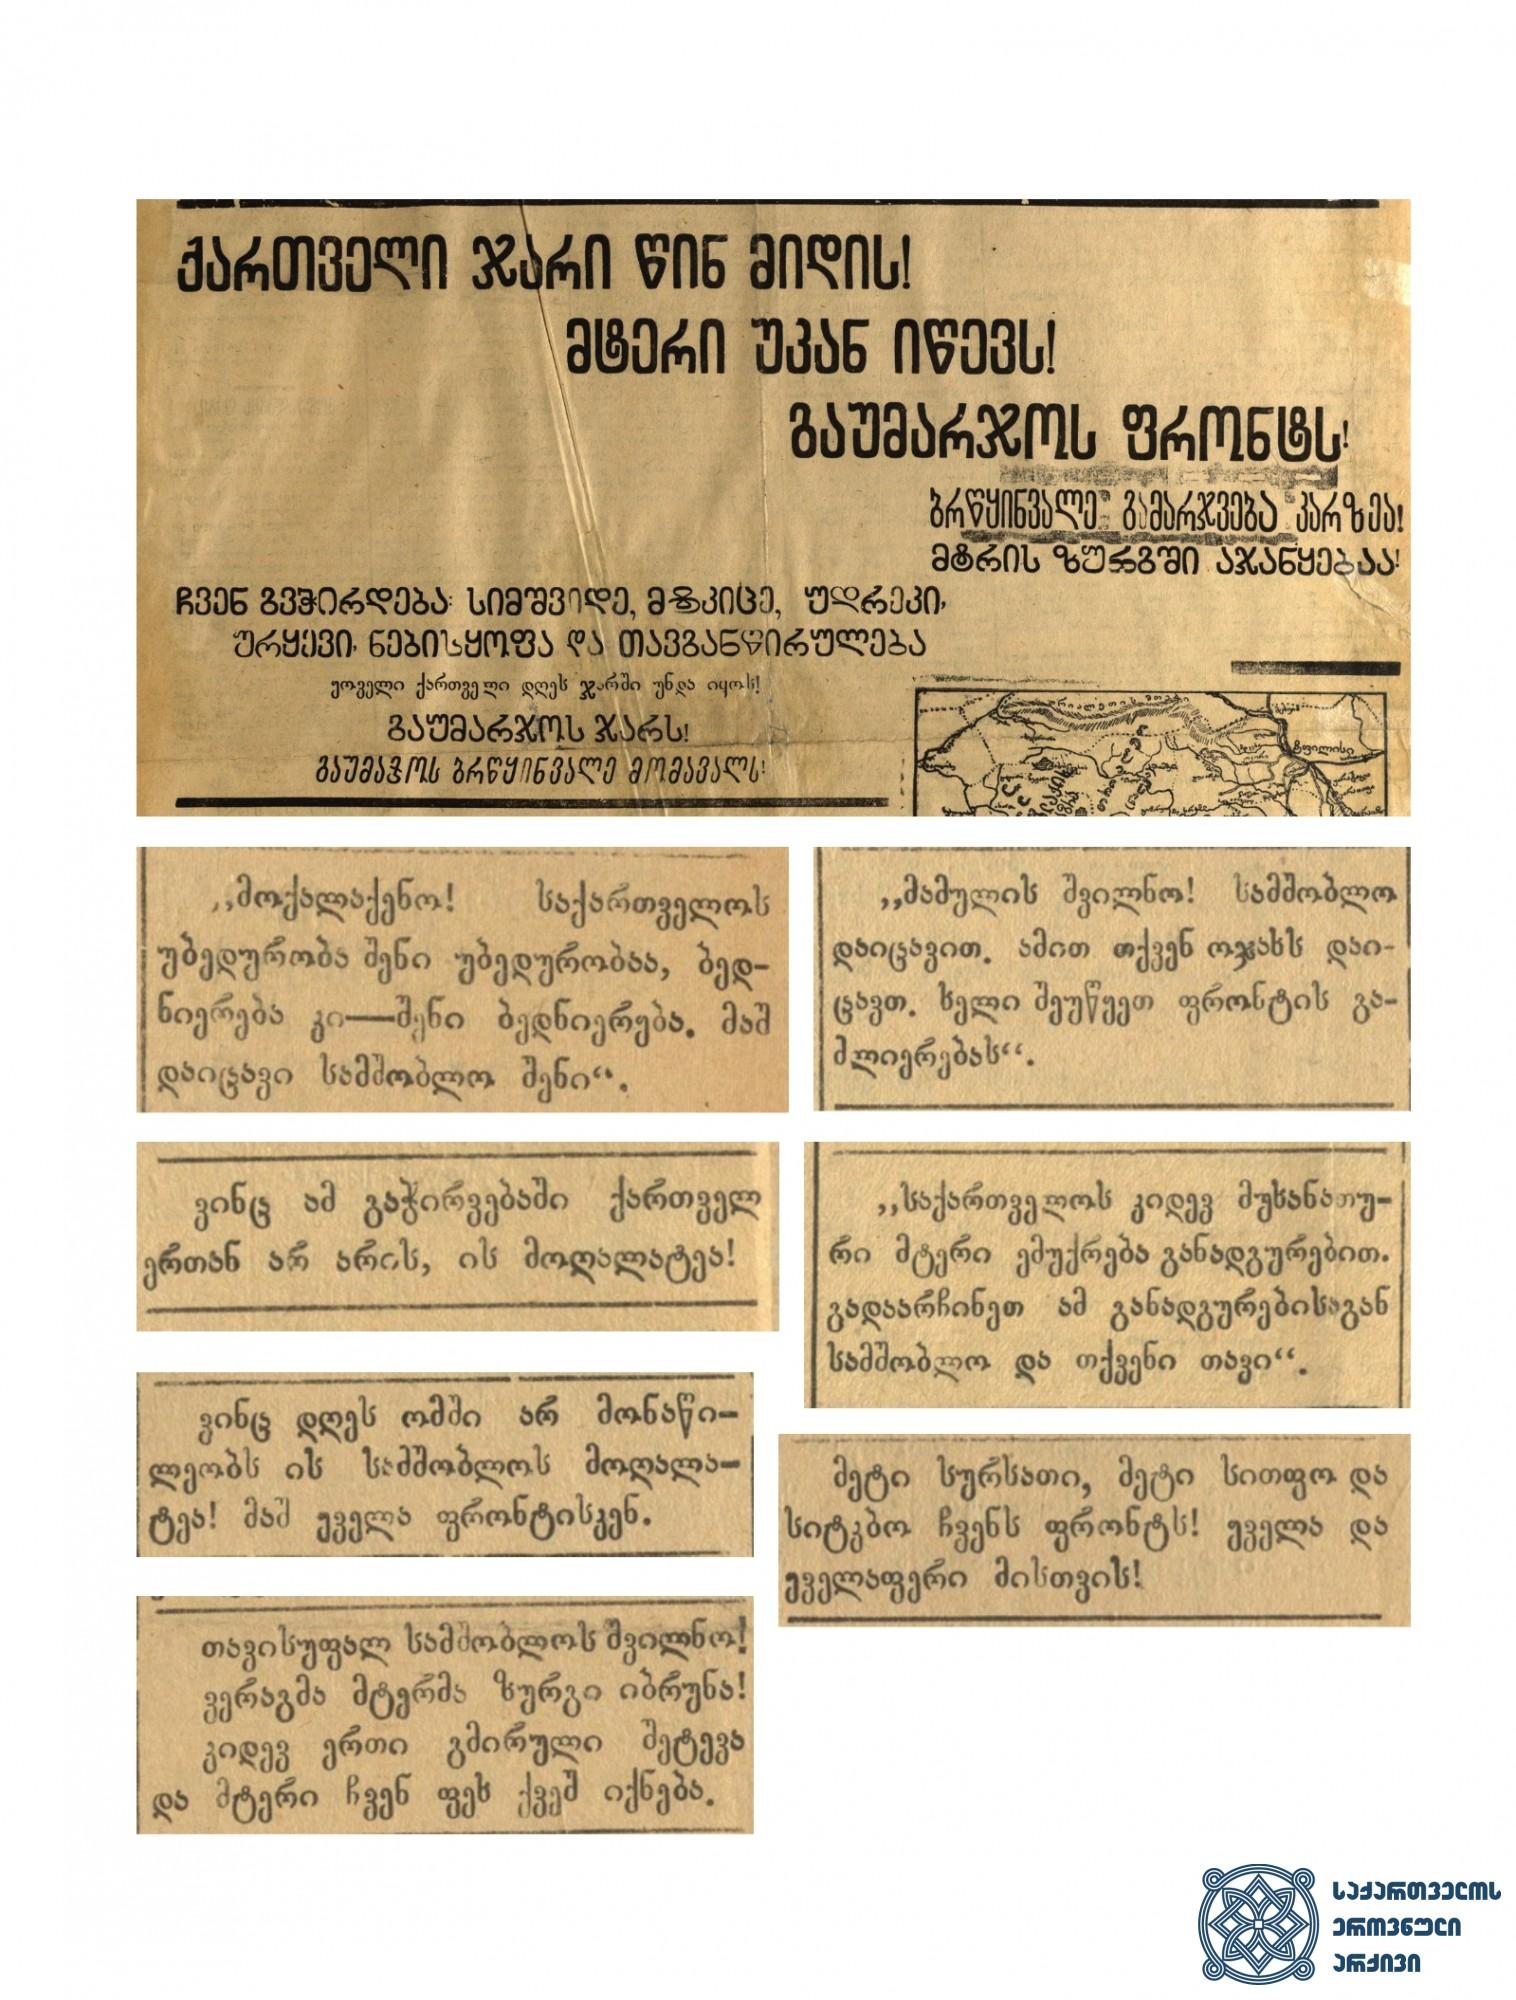 ომის დროს პრესაში დაბეჭდილი პატრიოტული მოწოდებები. <br> 1921 წლის თებერვალი. <br> Patriotic appeals printed in the press during the war. <br> February 1921.